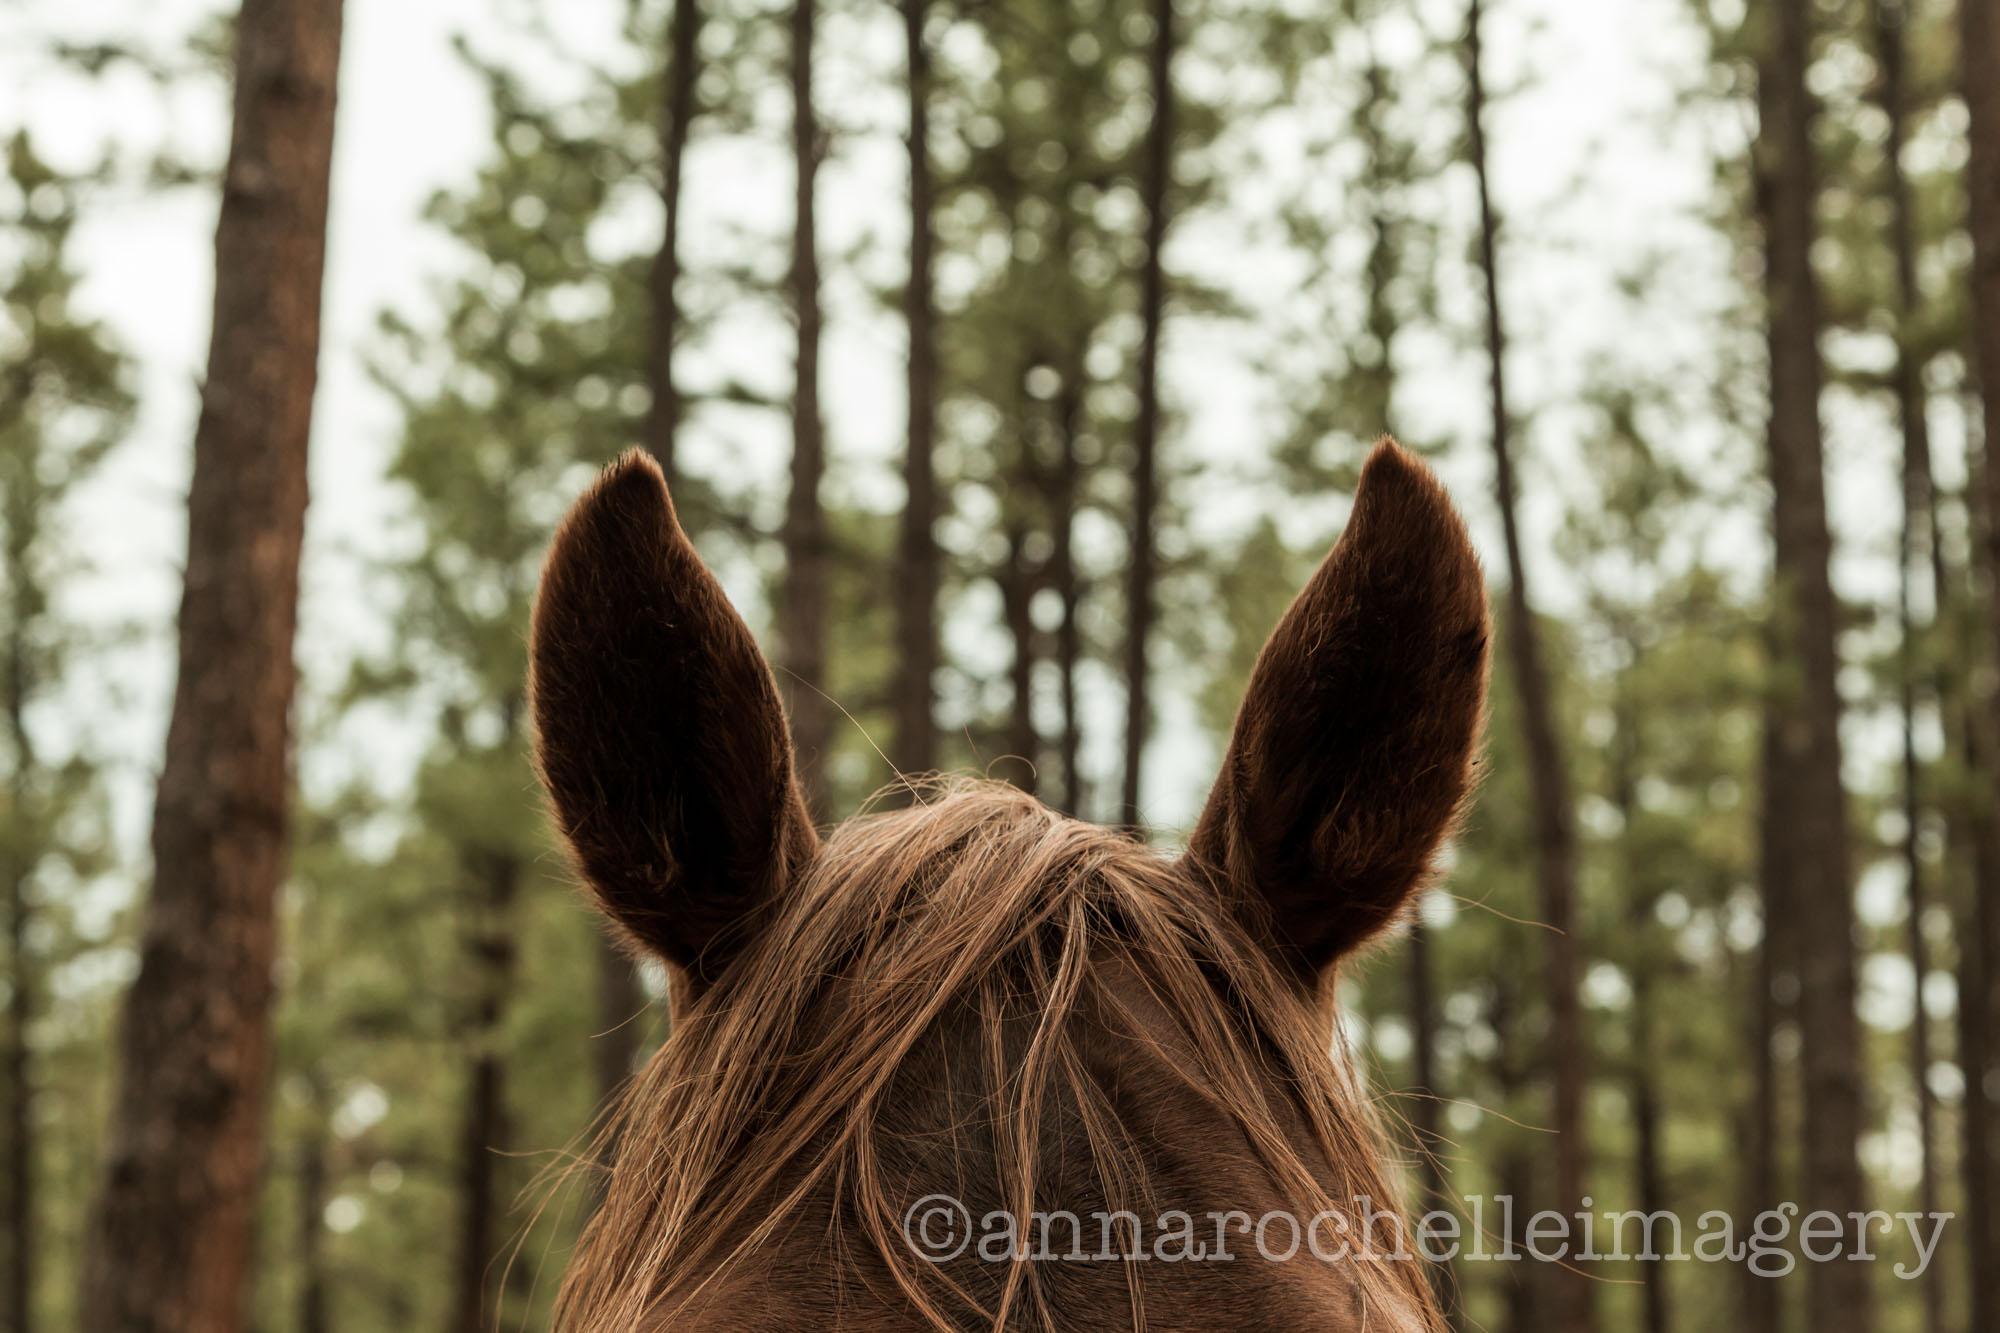 horses-greer-anna-rochelle-imagery-5.jpg